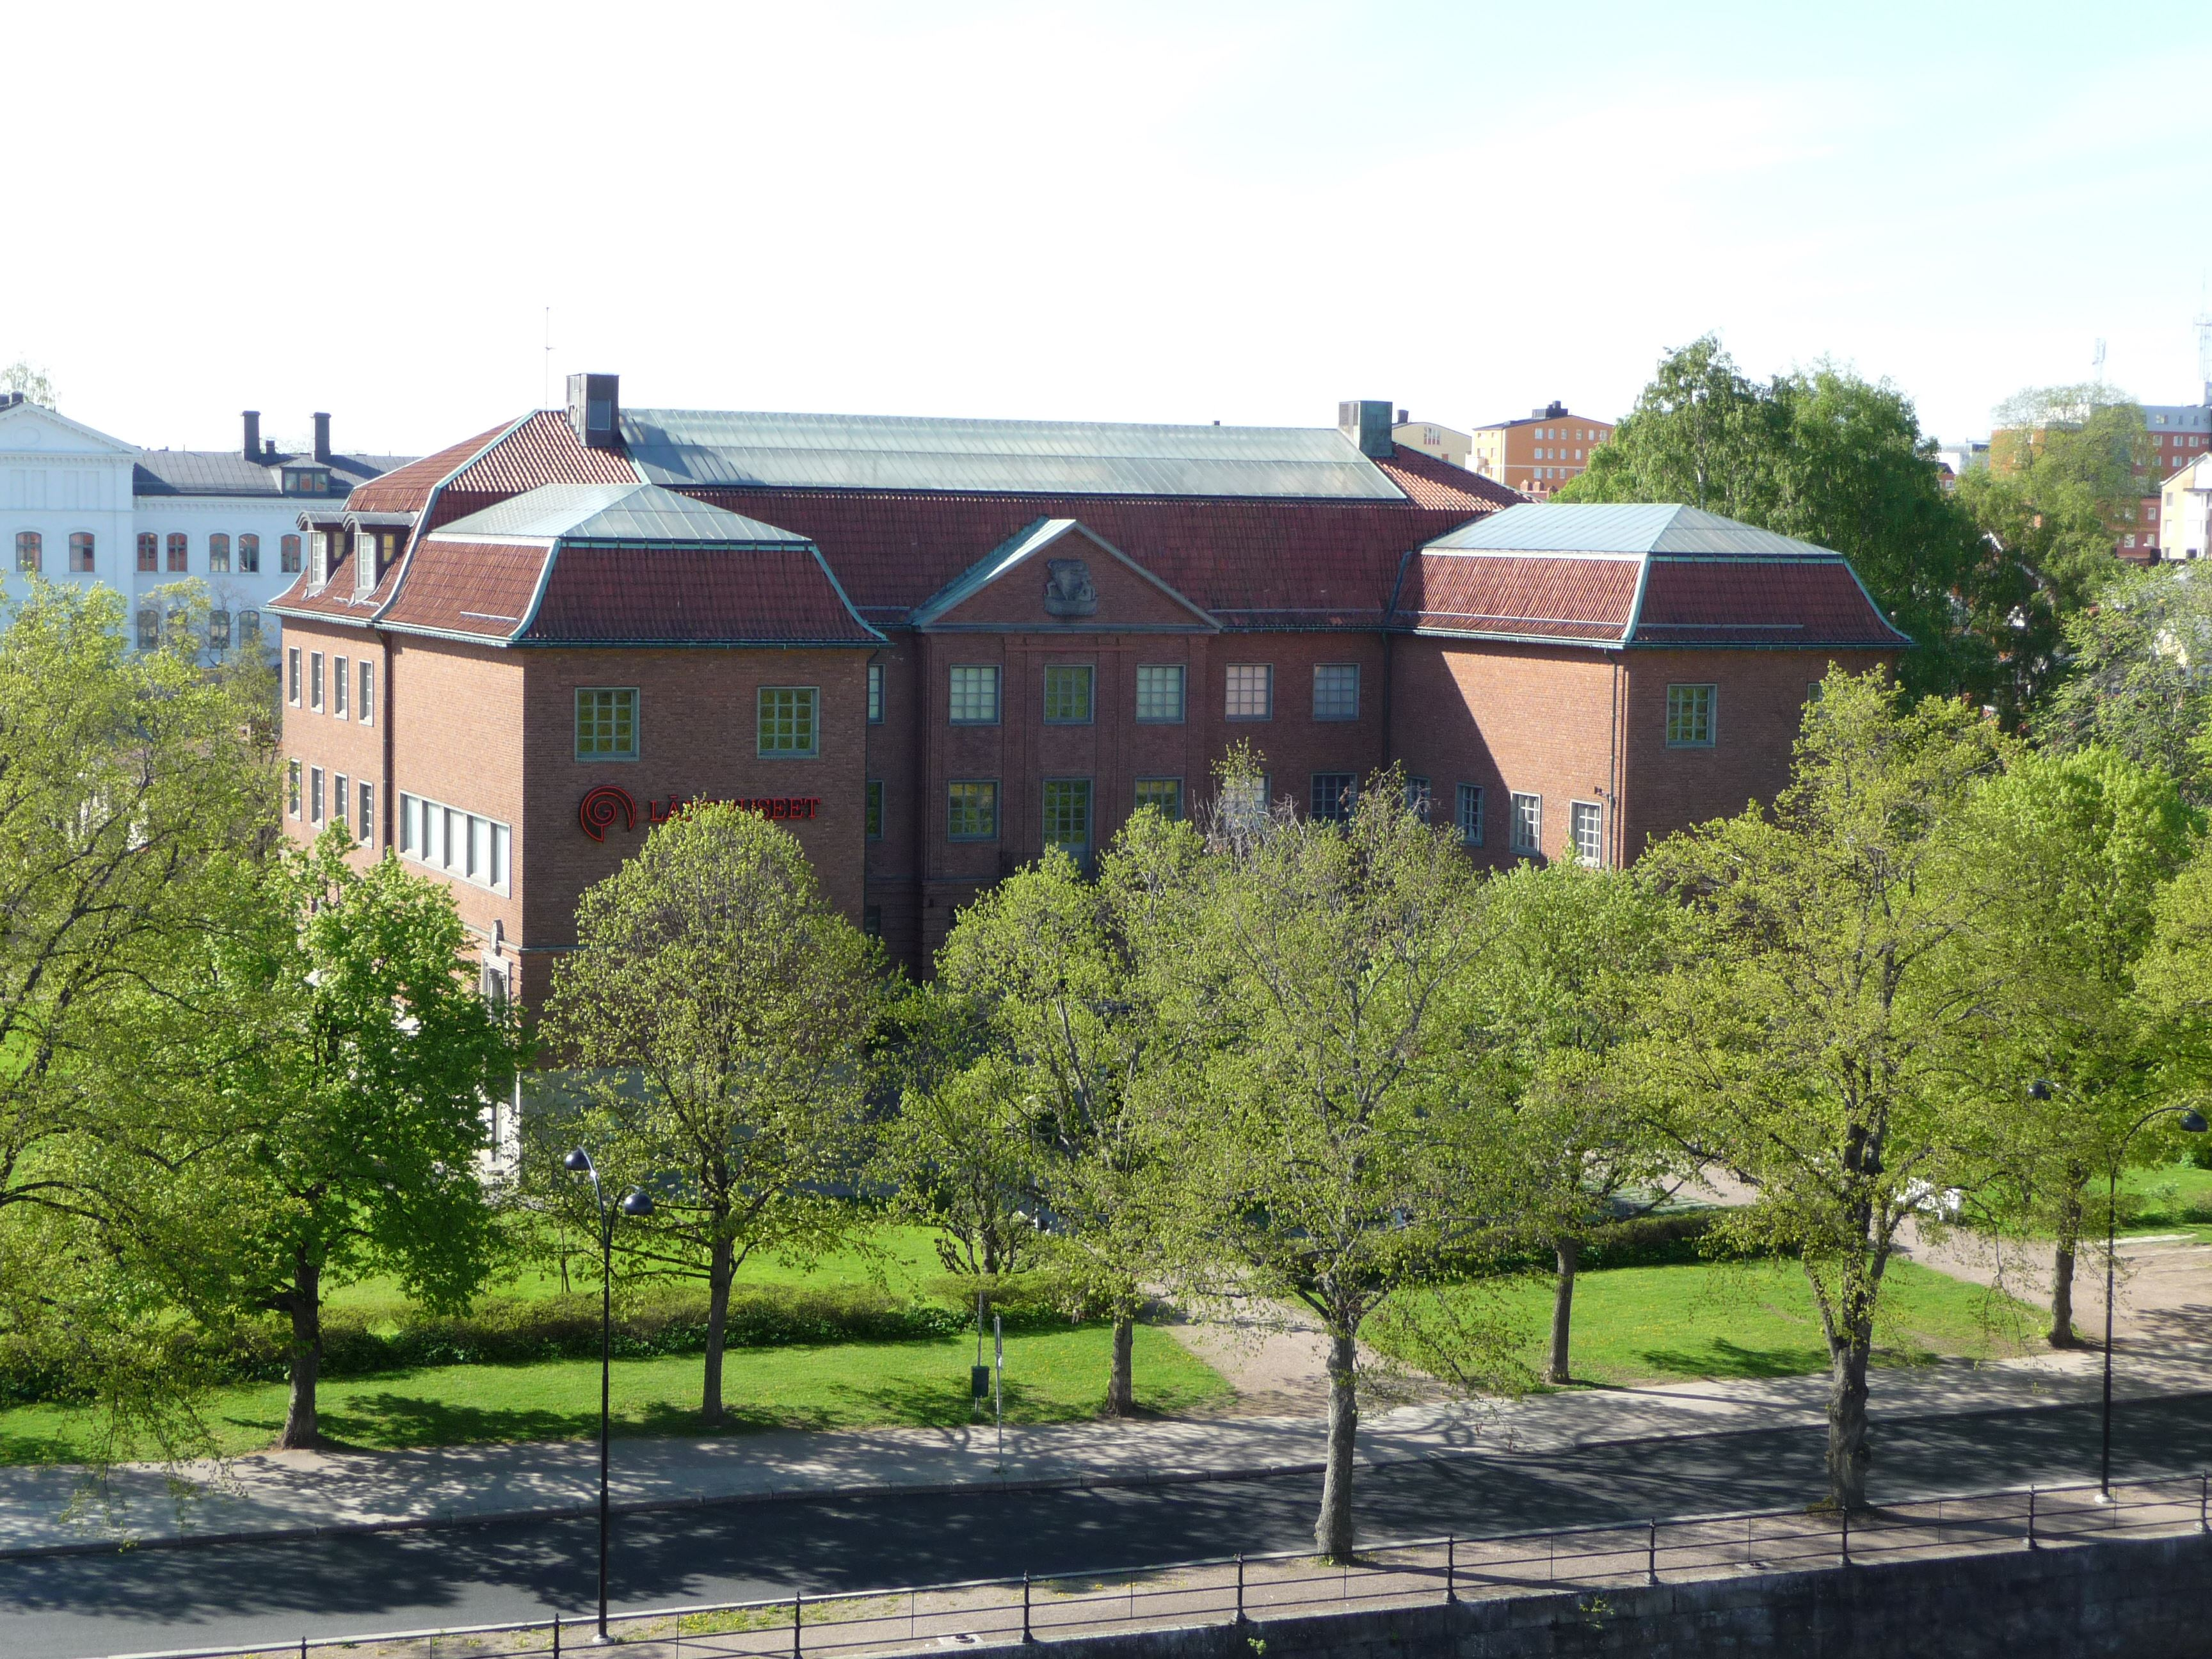 © Länsmuseet Gävleborg, Länsmuseets byggnad på Söda Strandgatan 20 i Gävle.